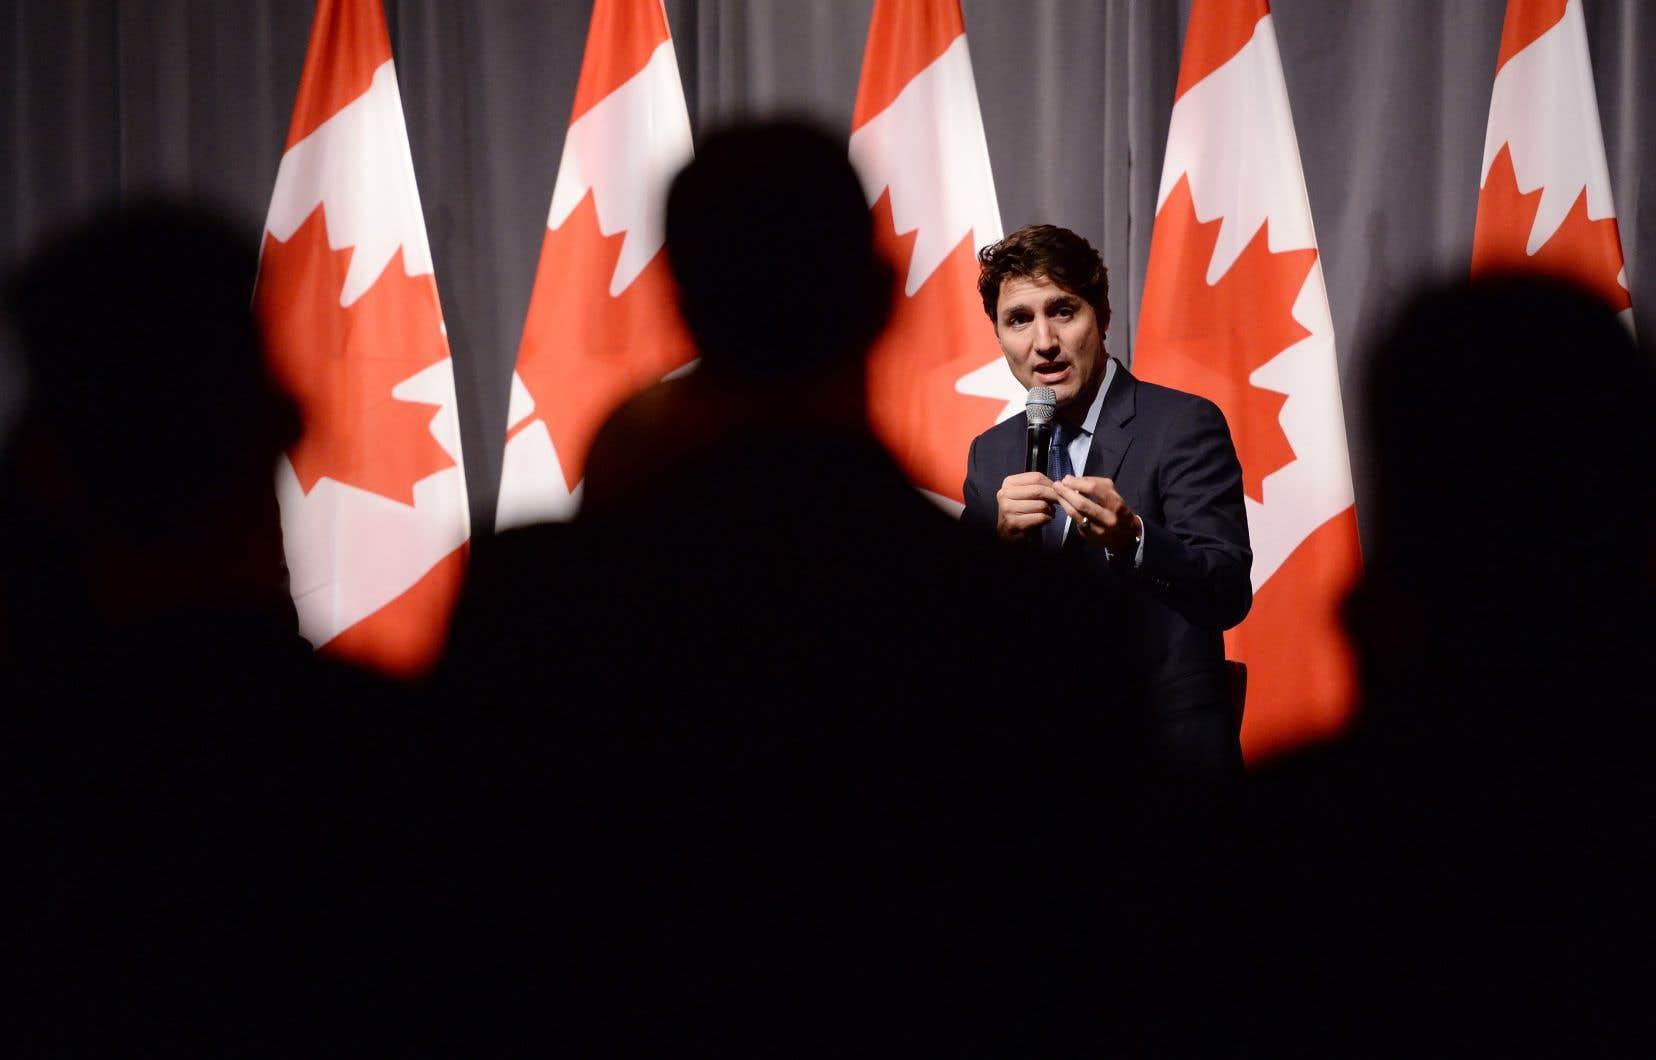 La refonte du système de nominations partisanes par le gouvernement libéral a conduit à l'égalité homme-femme dans les nominations au gouvernement.